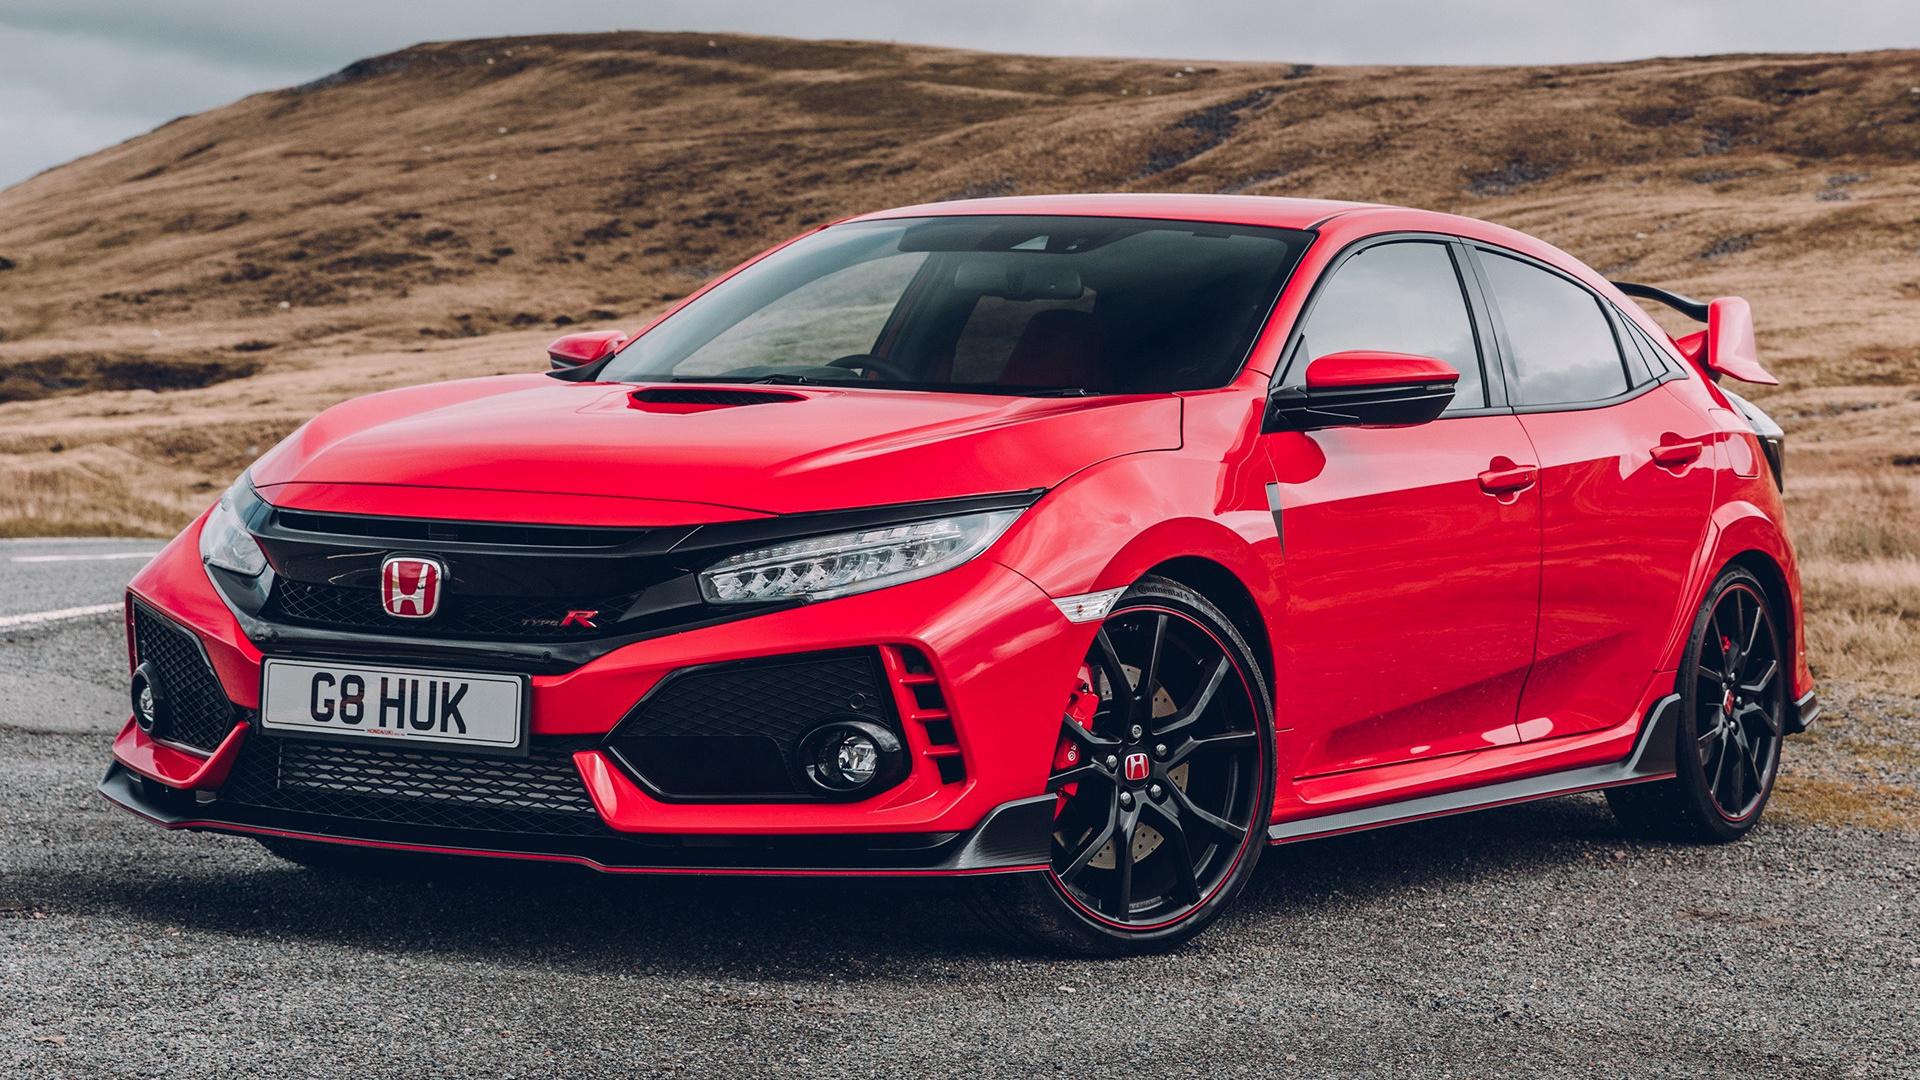 2017 Honda Civic Type R Uk Wallpapers And Hd Images Car Pixel